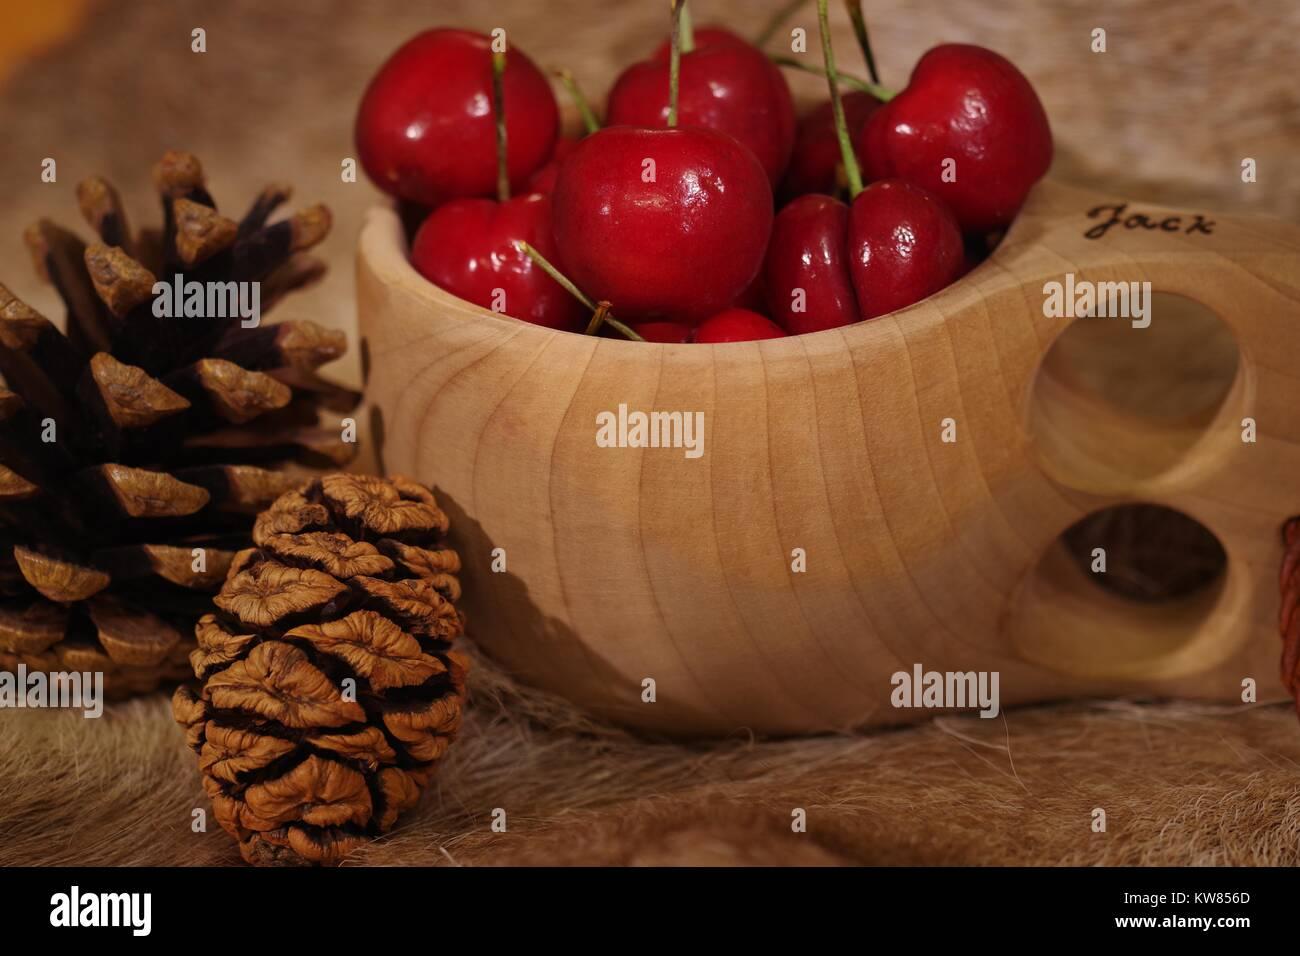 Les cerises dans une coupelle en bois finlandais Kulsa sur une fourrure de renne avec cocottes. La vie encore scandinaves et la saine alimentation. L'hiver 2017. Banque D'Images